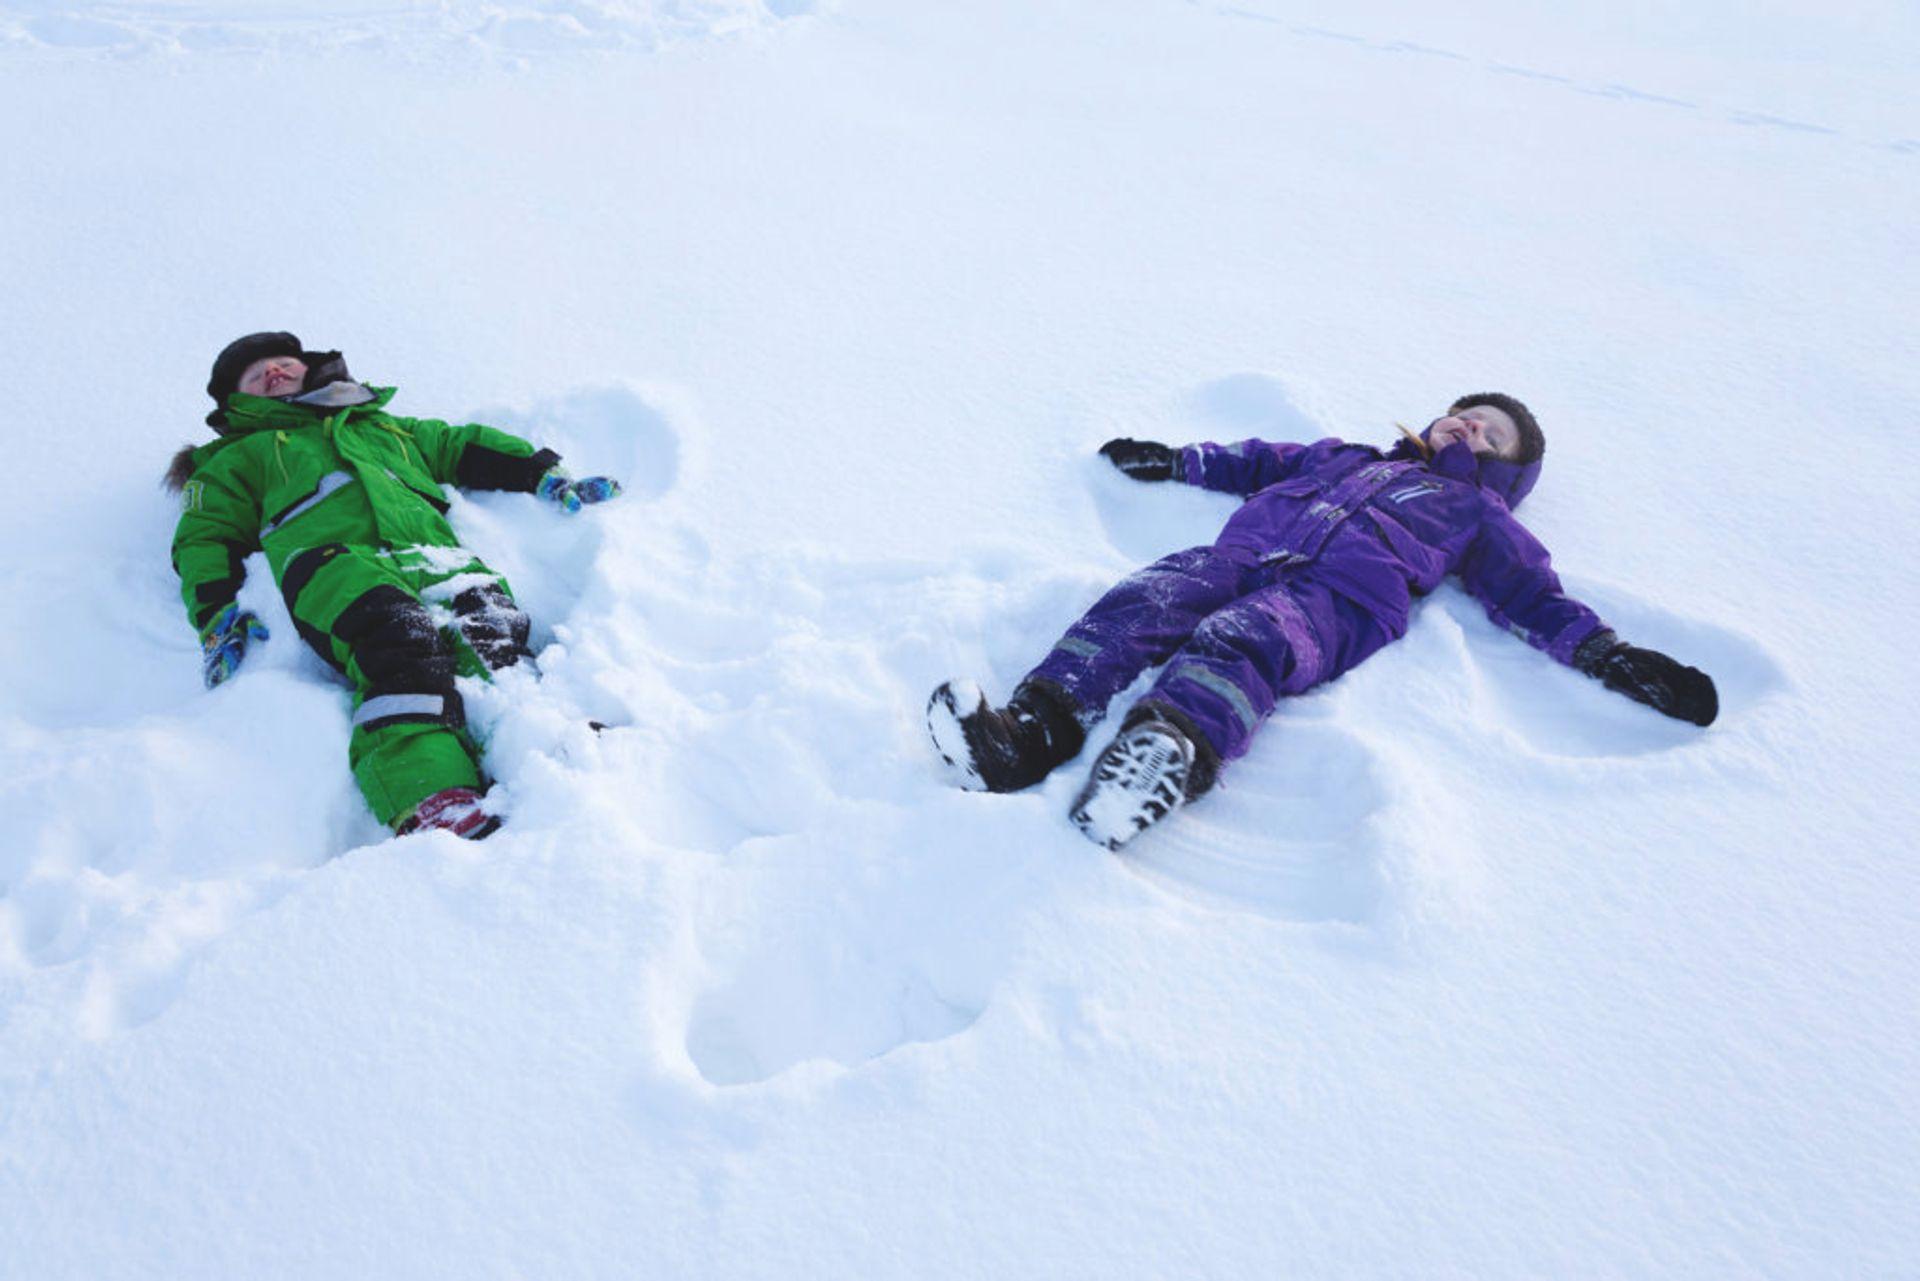 Children making snow angels.